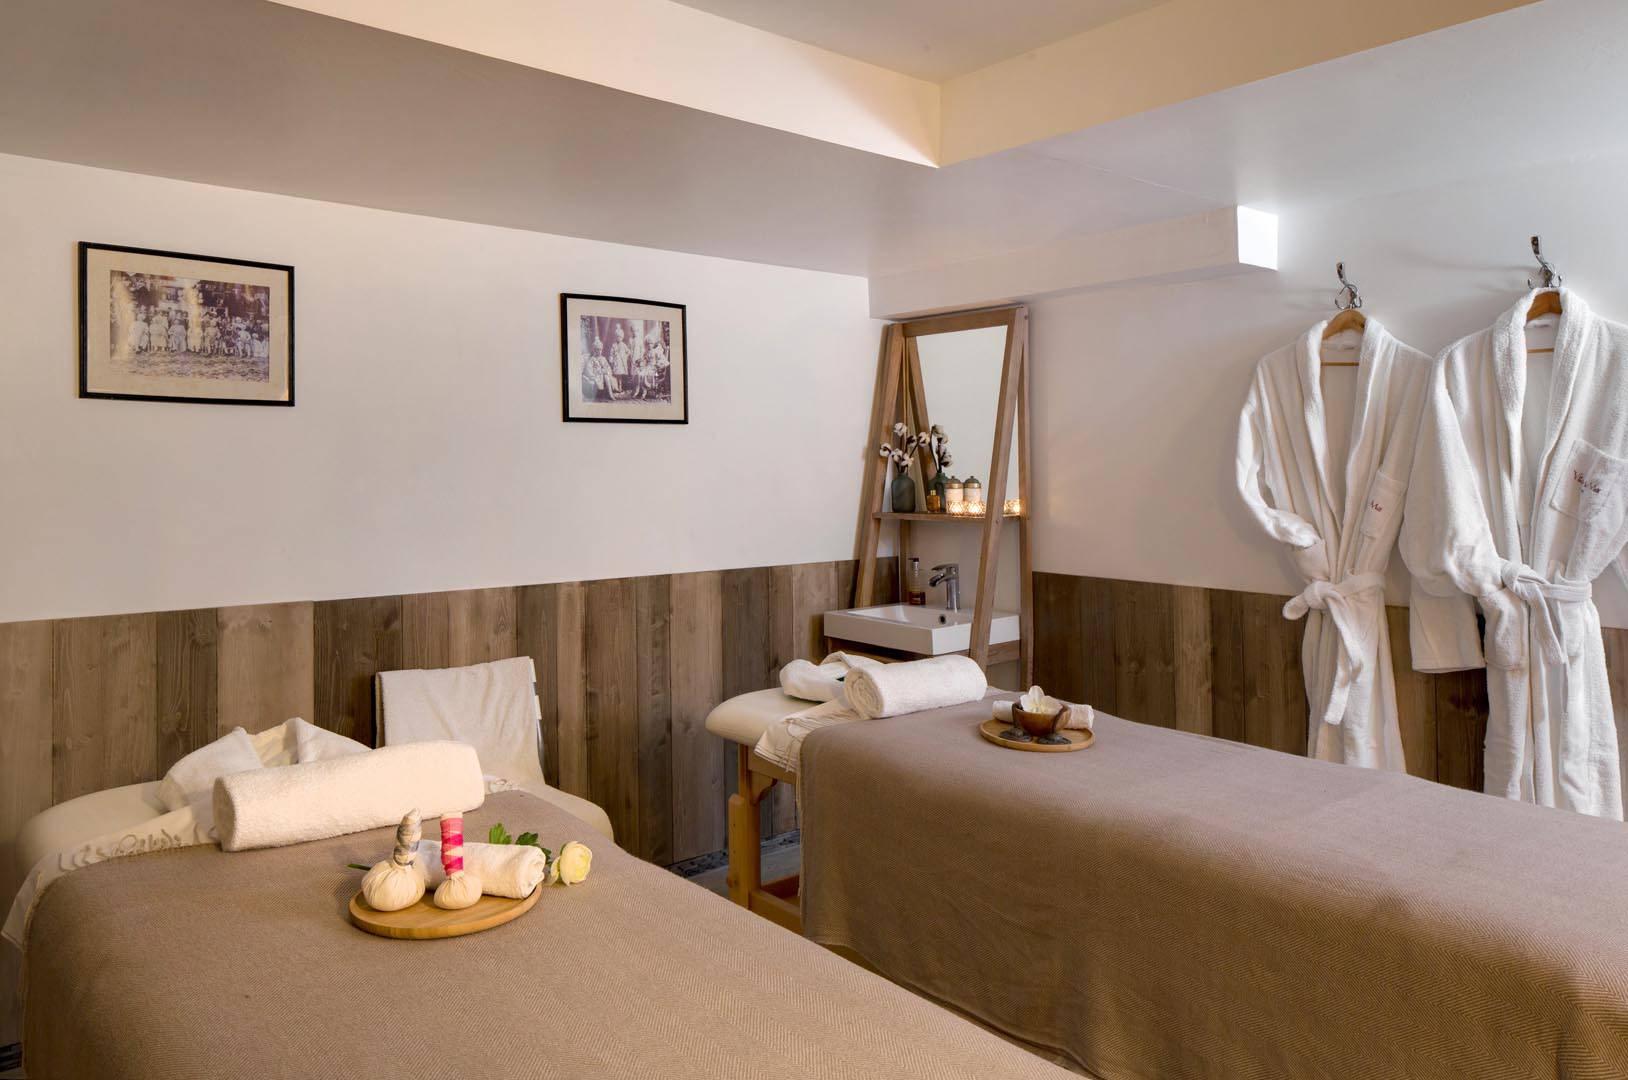 spa hotel Camargue: Vila de la Mar in Saintes-Maries-de-la-Mer